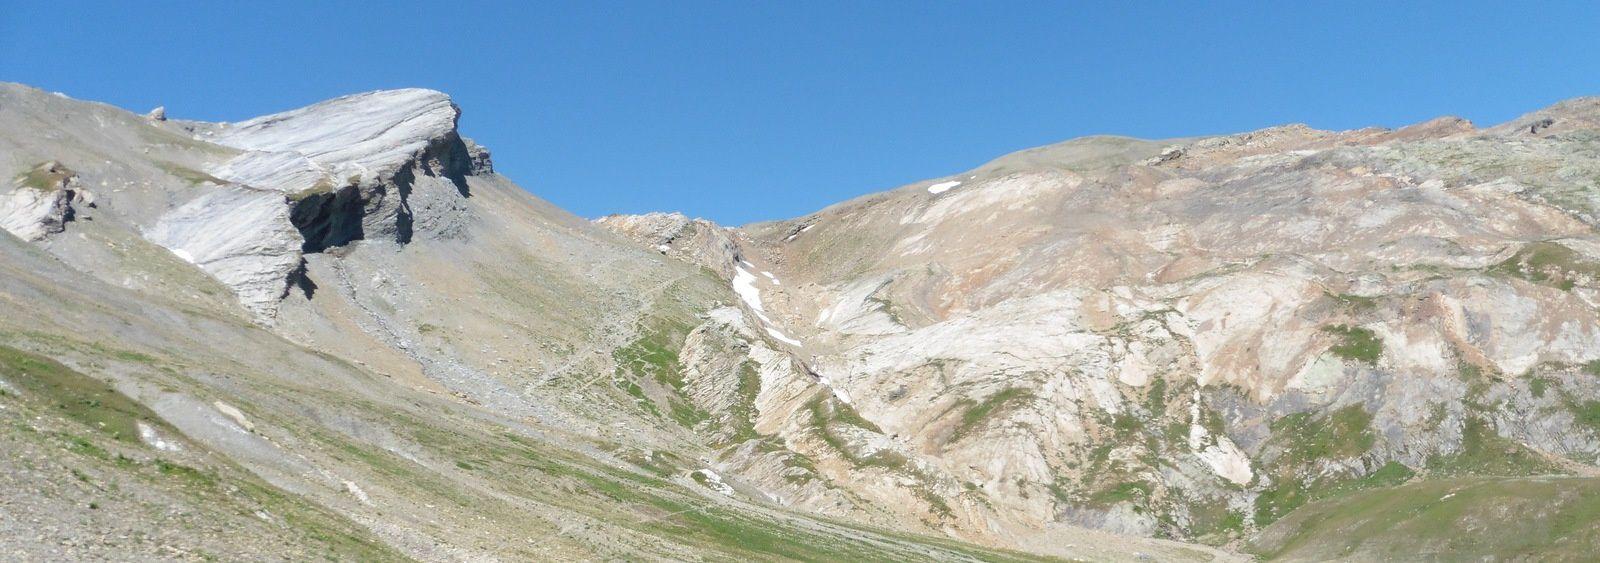 C'est la montée vers le col des Fours, entre la tête sud et la tête nord.